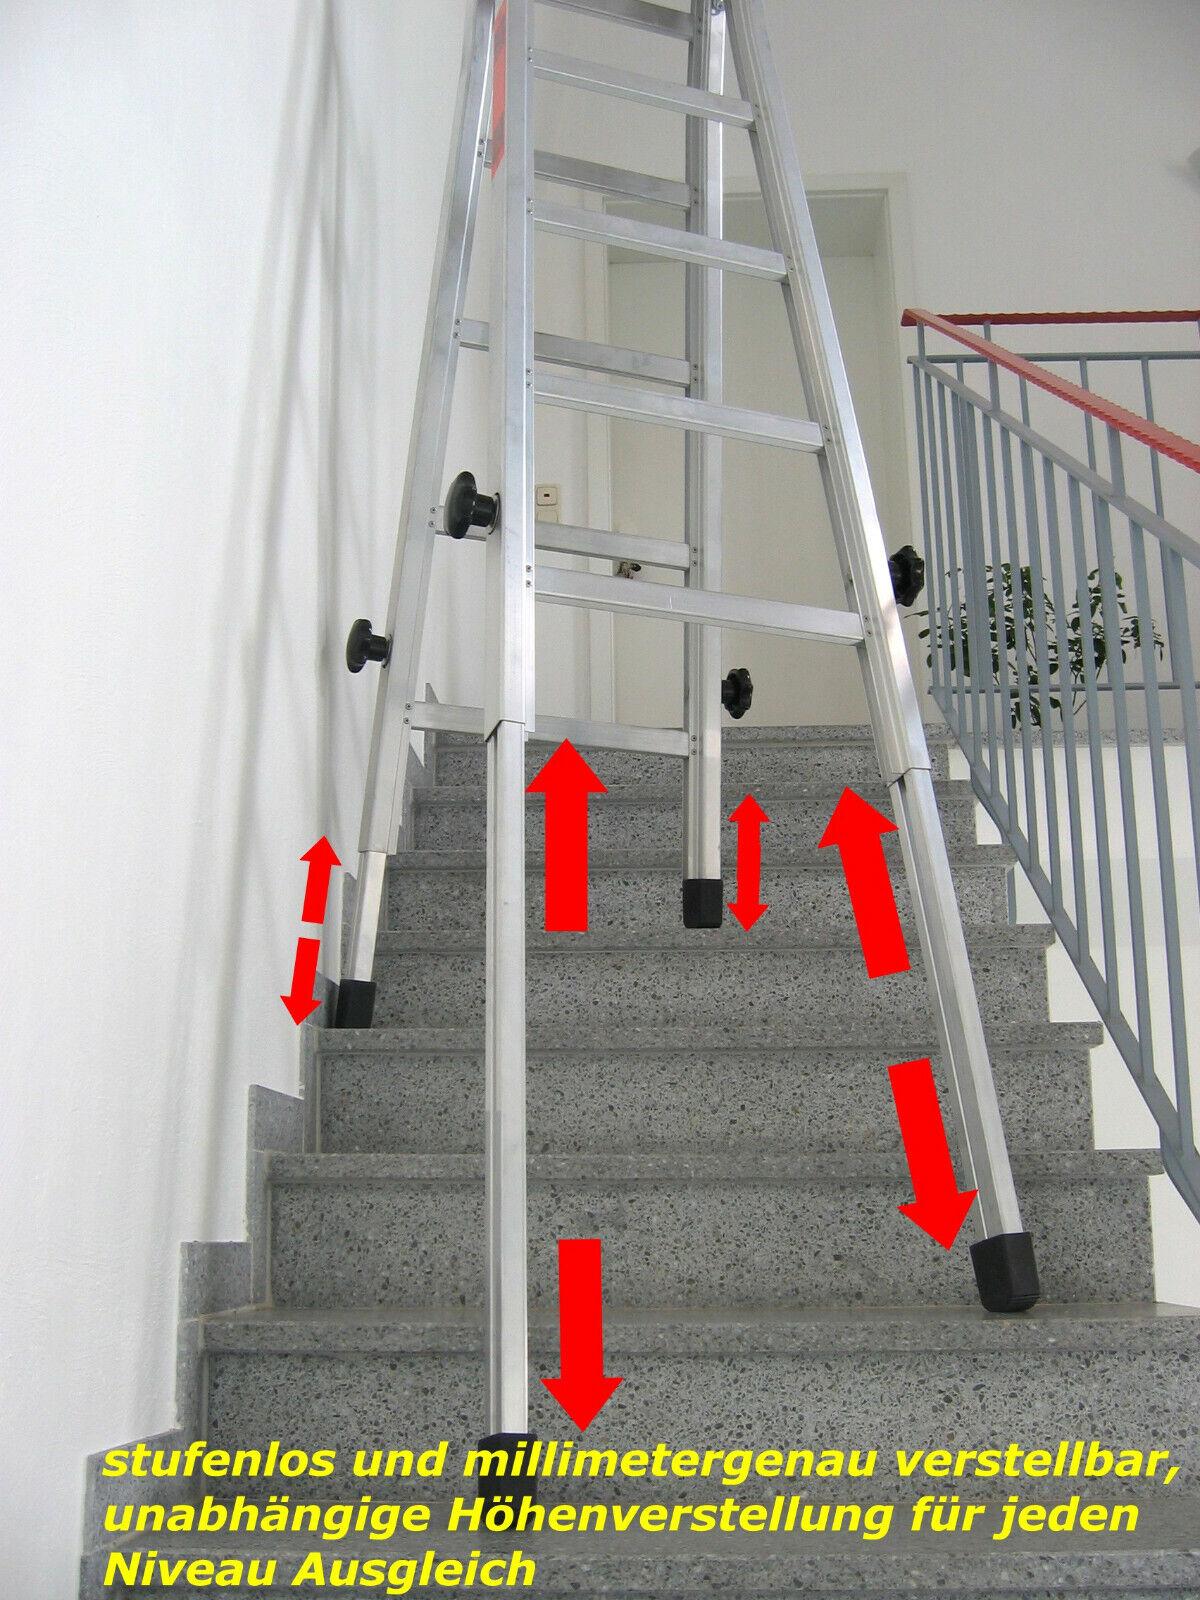 Leiter für Treppen, Teleskopleitern Treppenleiter Treppenstehleiter 2x4 Stufen